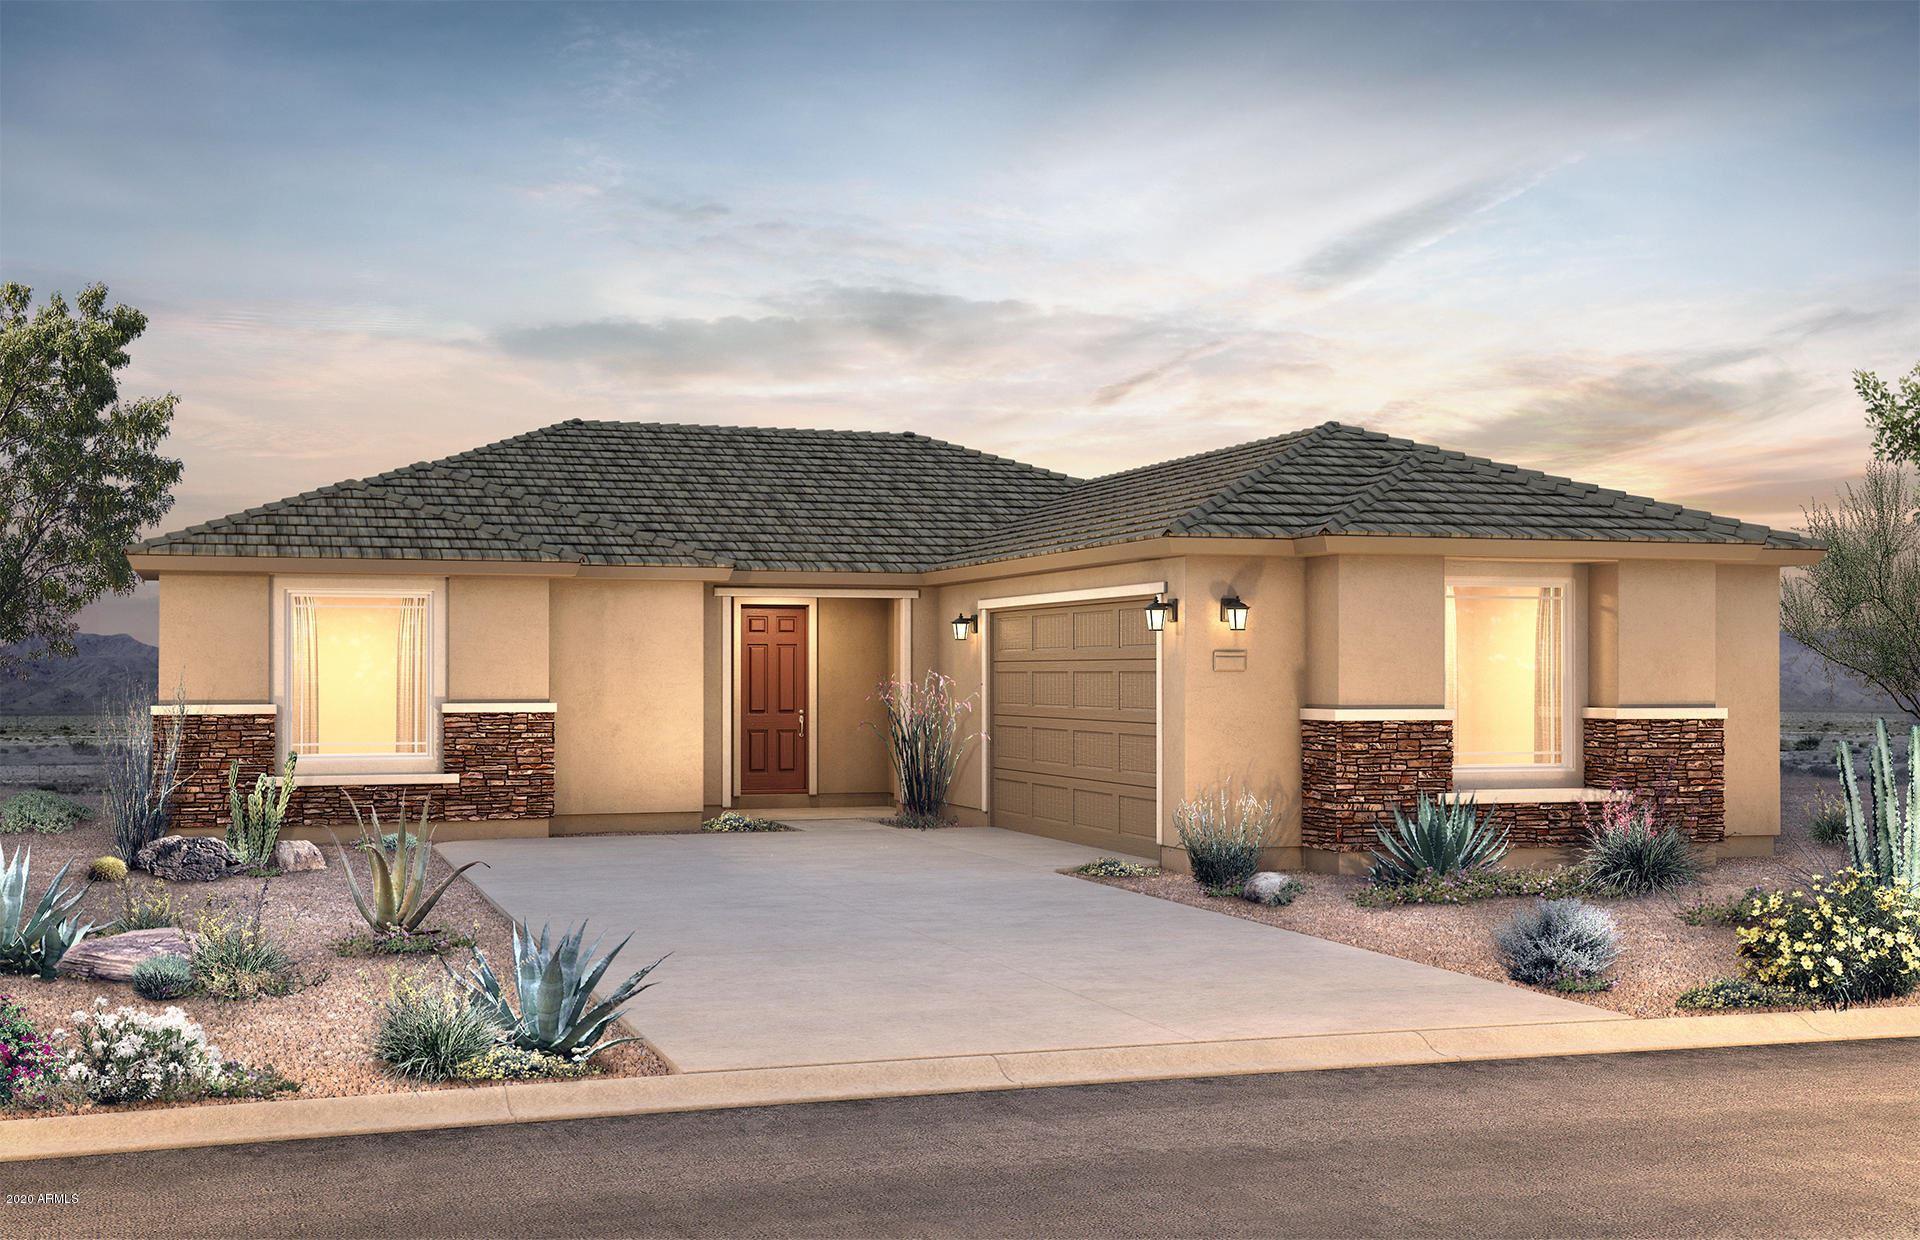 2507 E ALTA VISTA Road, Phoenix, AZ 85042 - #: 6097583